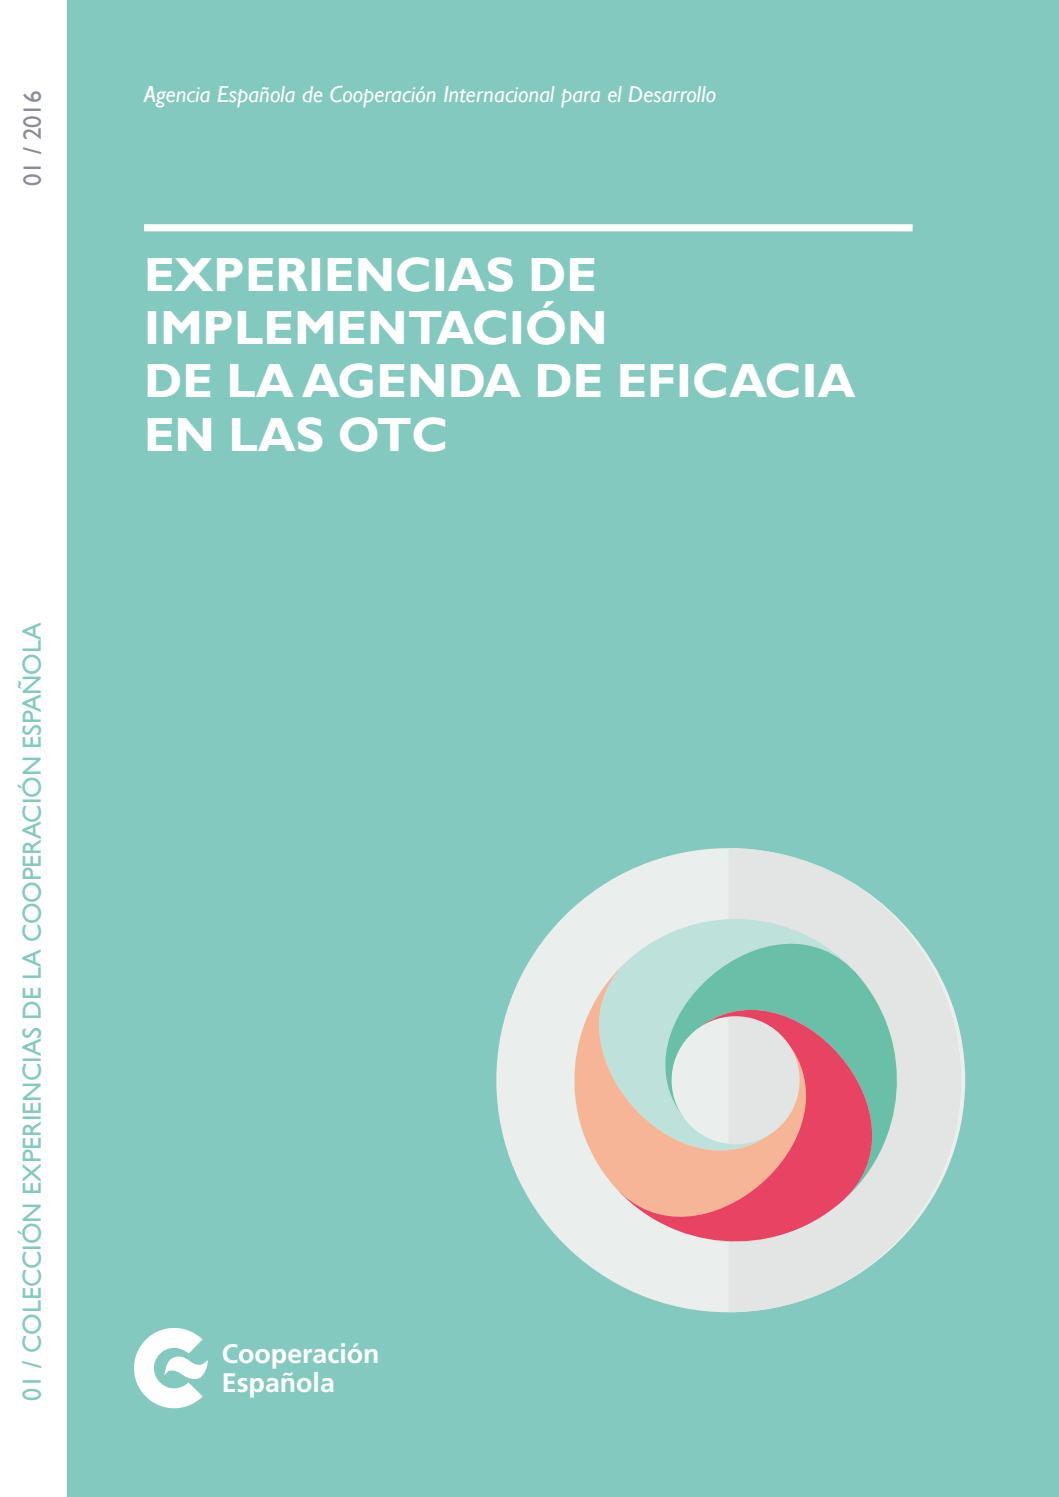 Experiencias de implementación de la agenda de eficacia en las OTC ...